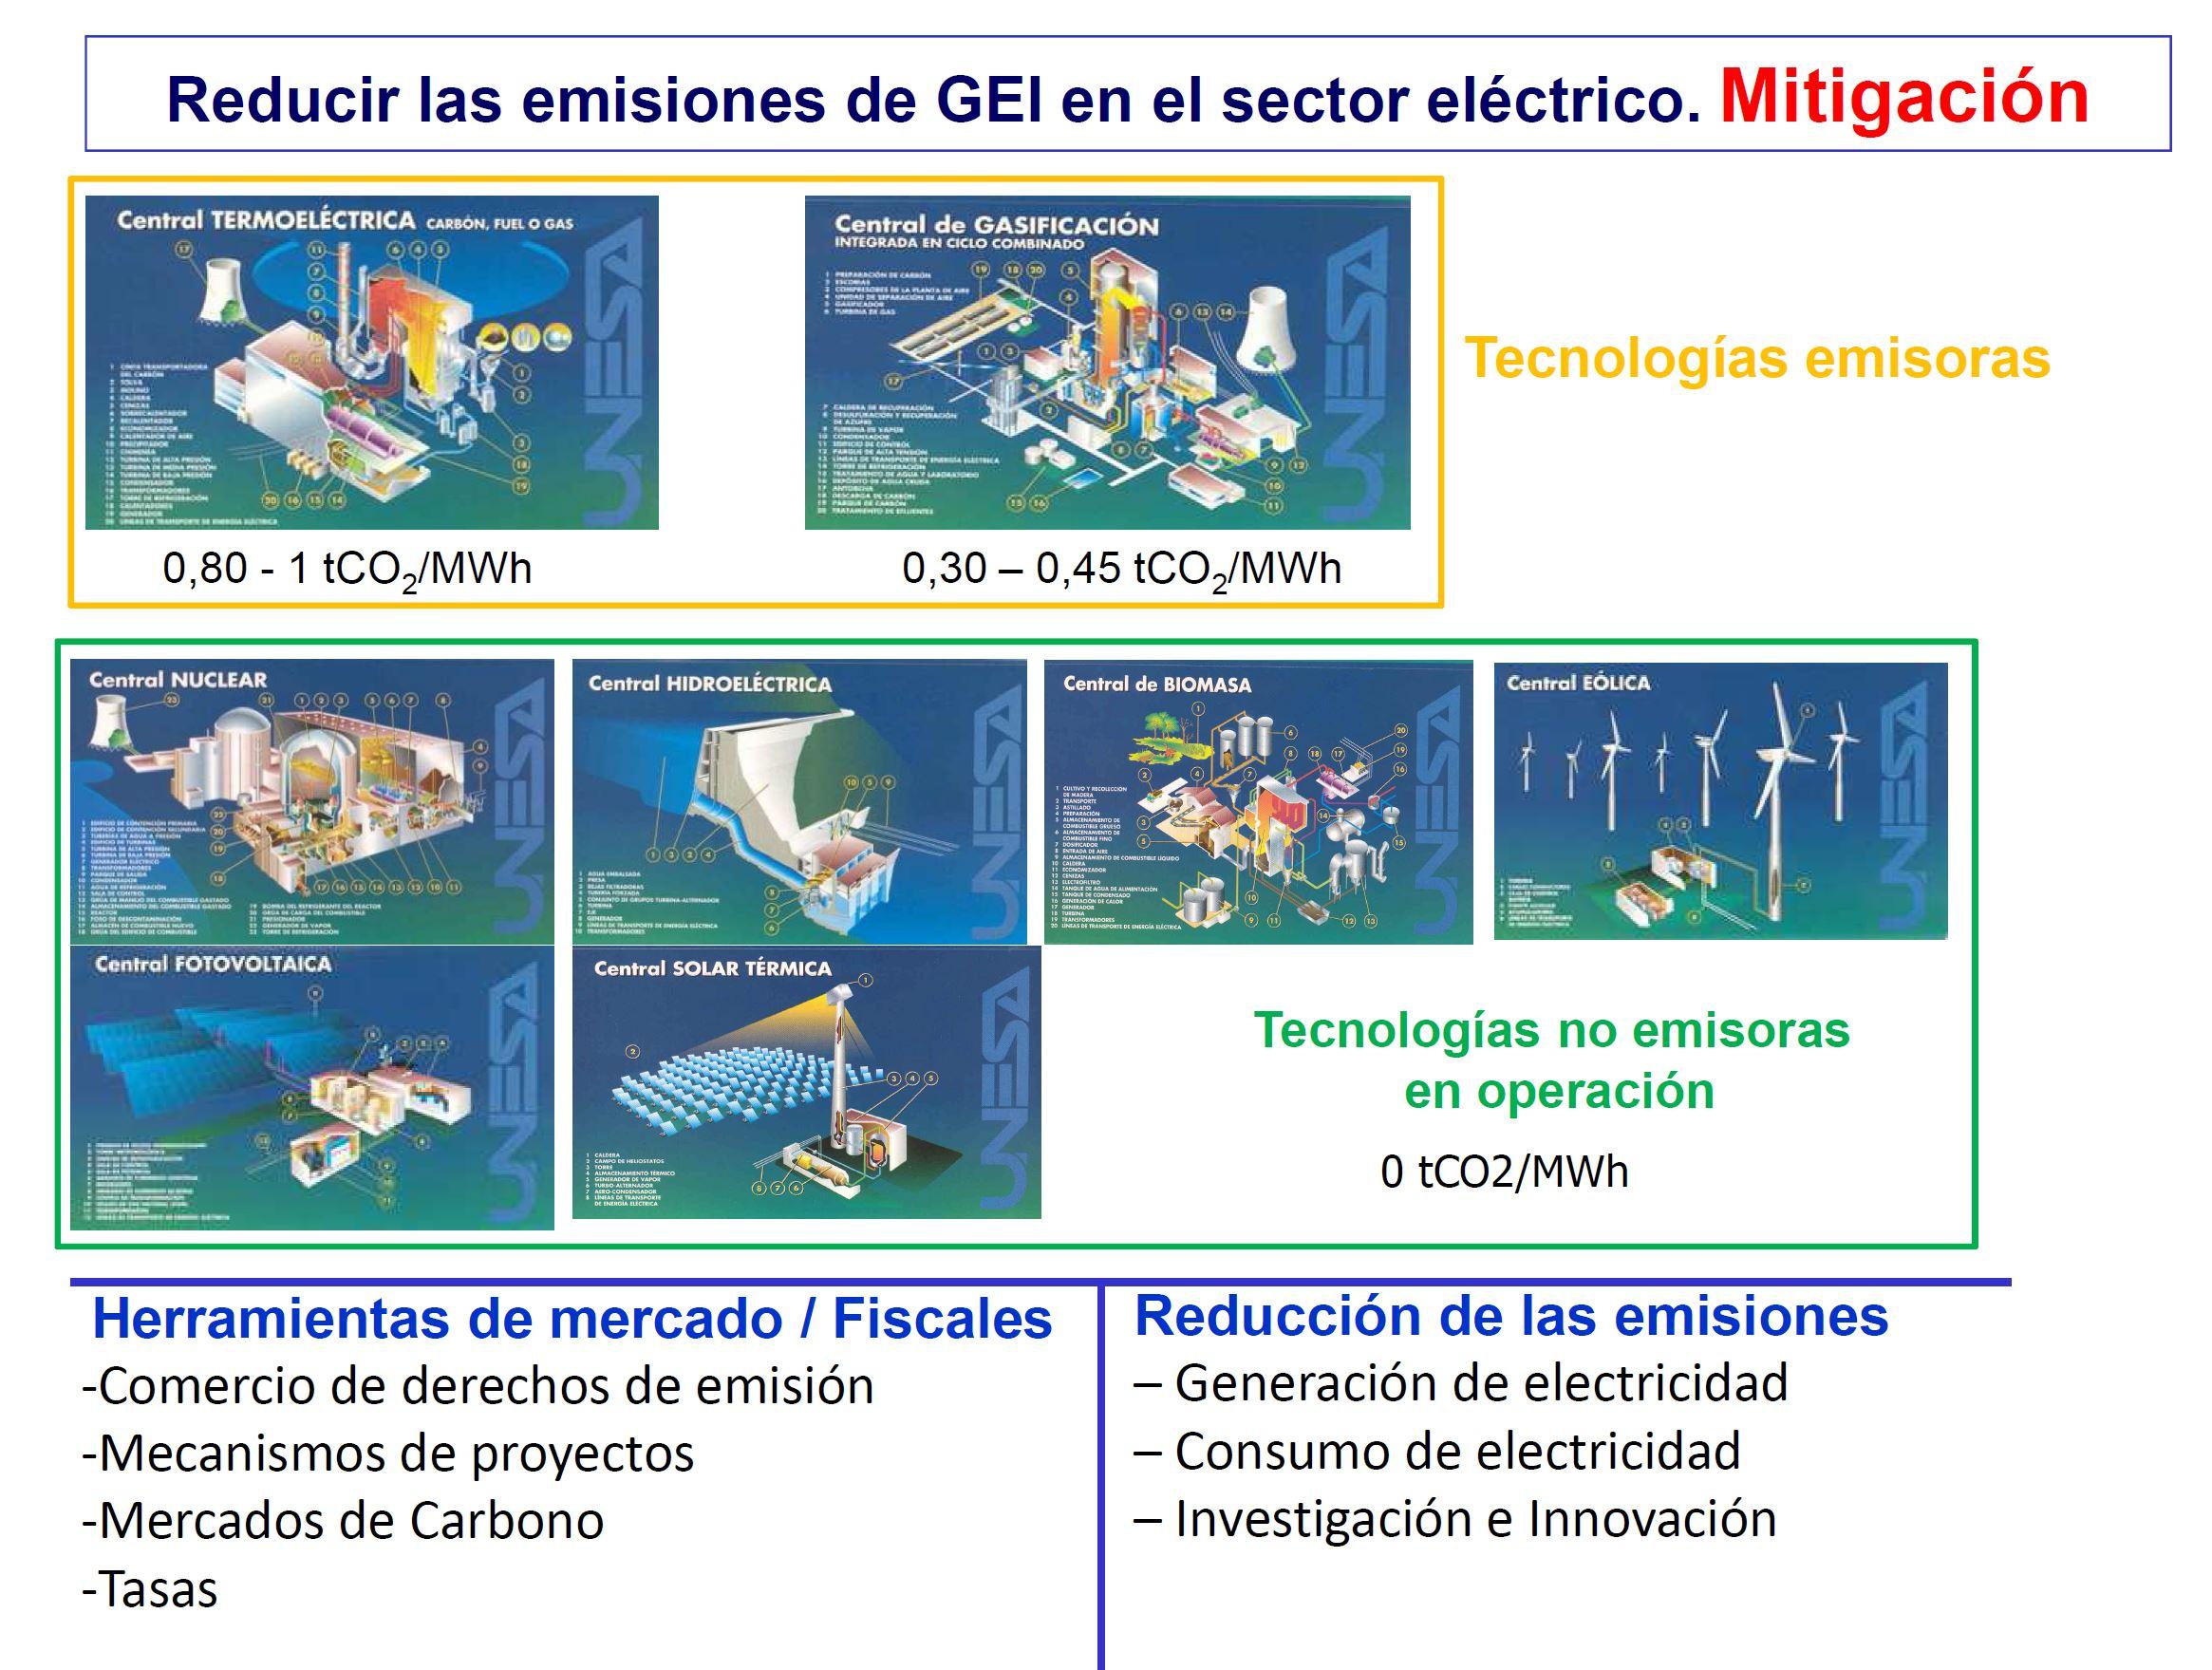 El sector eléctrico y el cambio climático